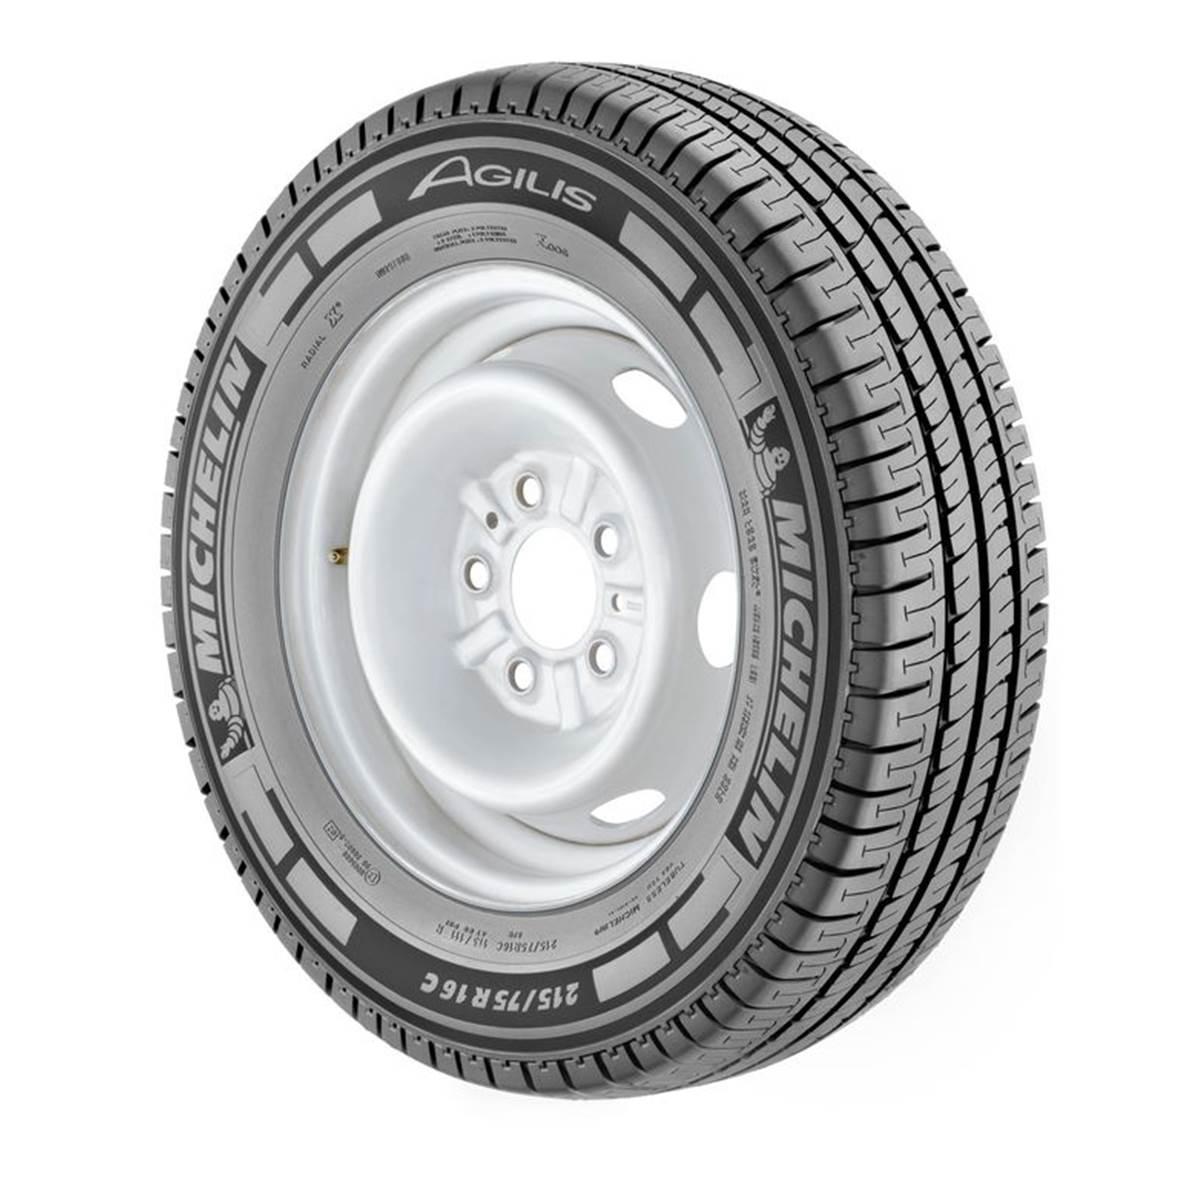 Pneu Michelin 195/70R15 104R AGILIS